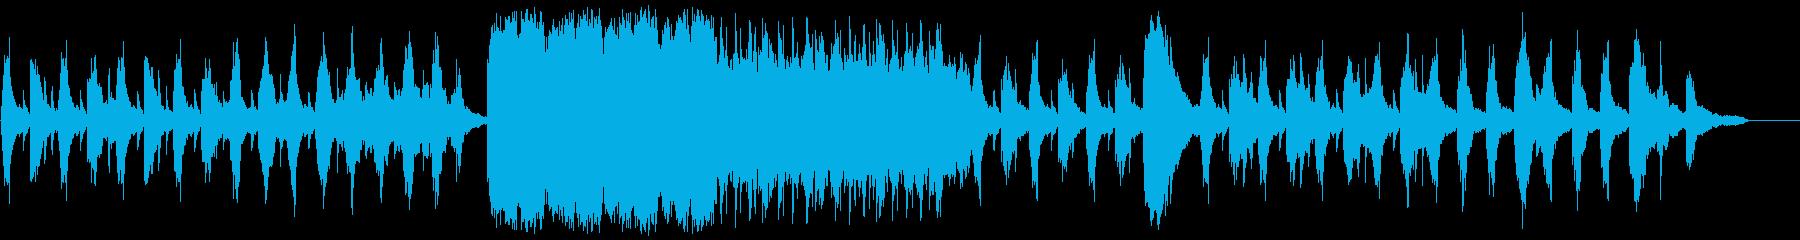 繊細に流れるピアノ曲の再生済みの波形